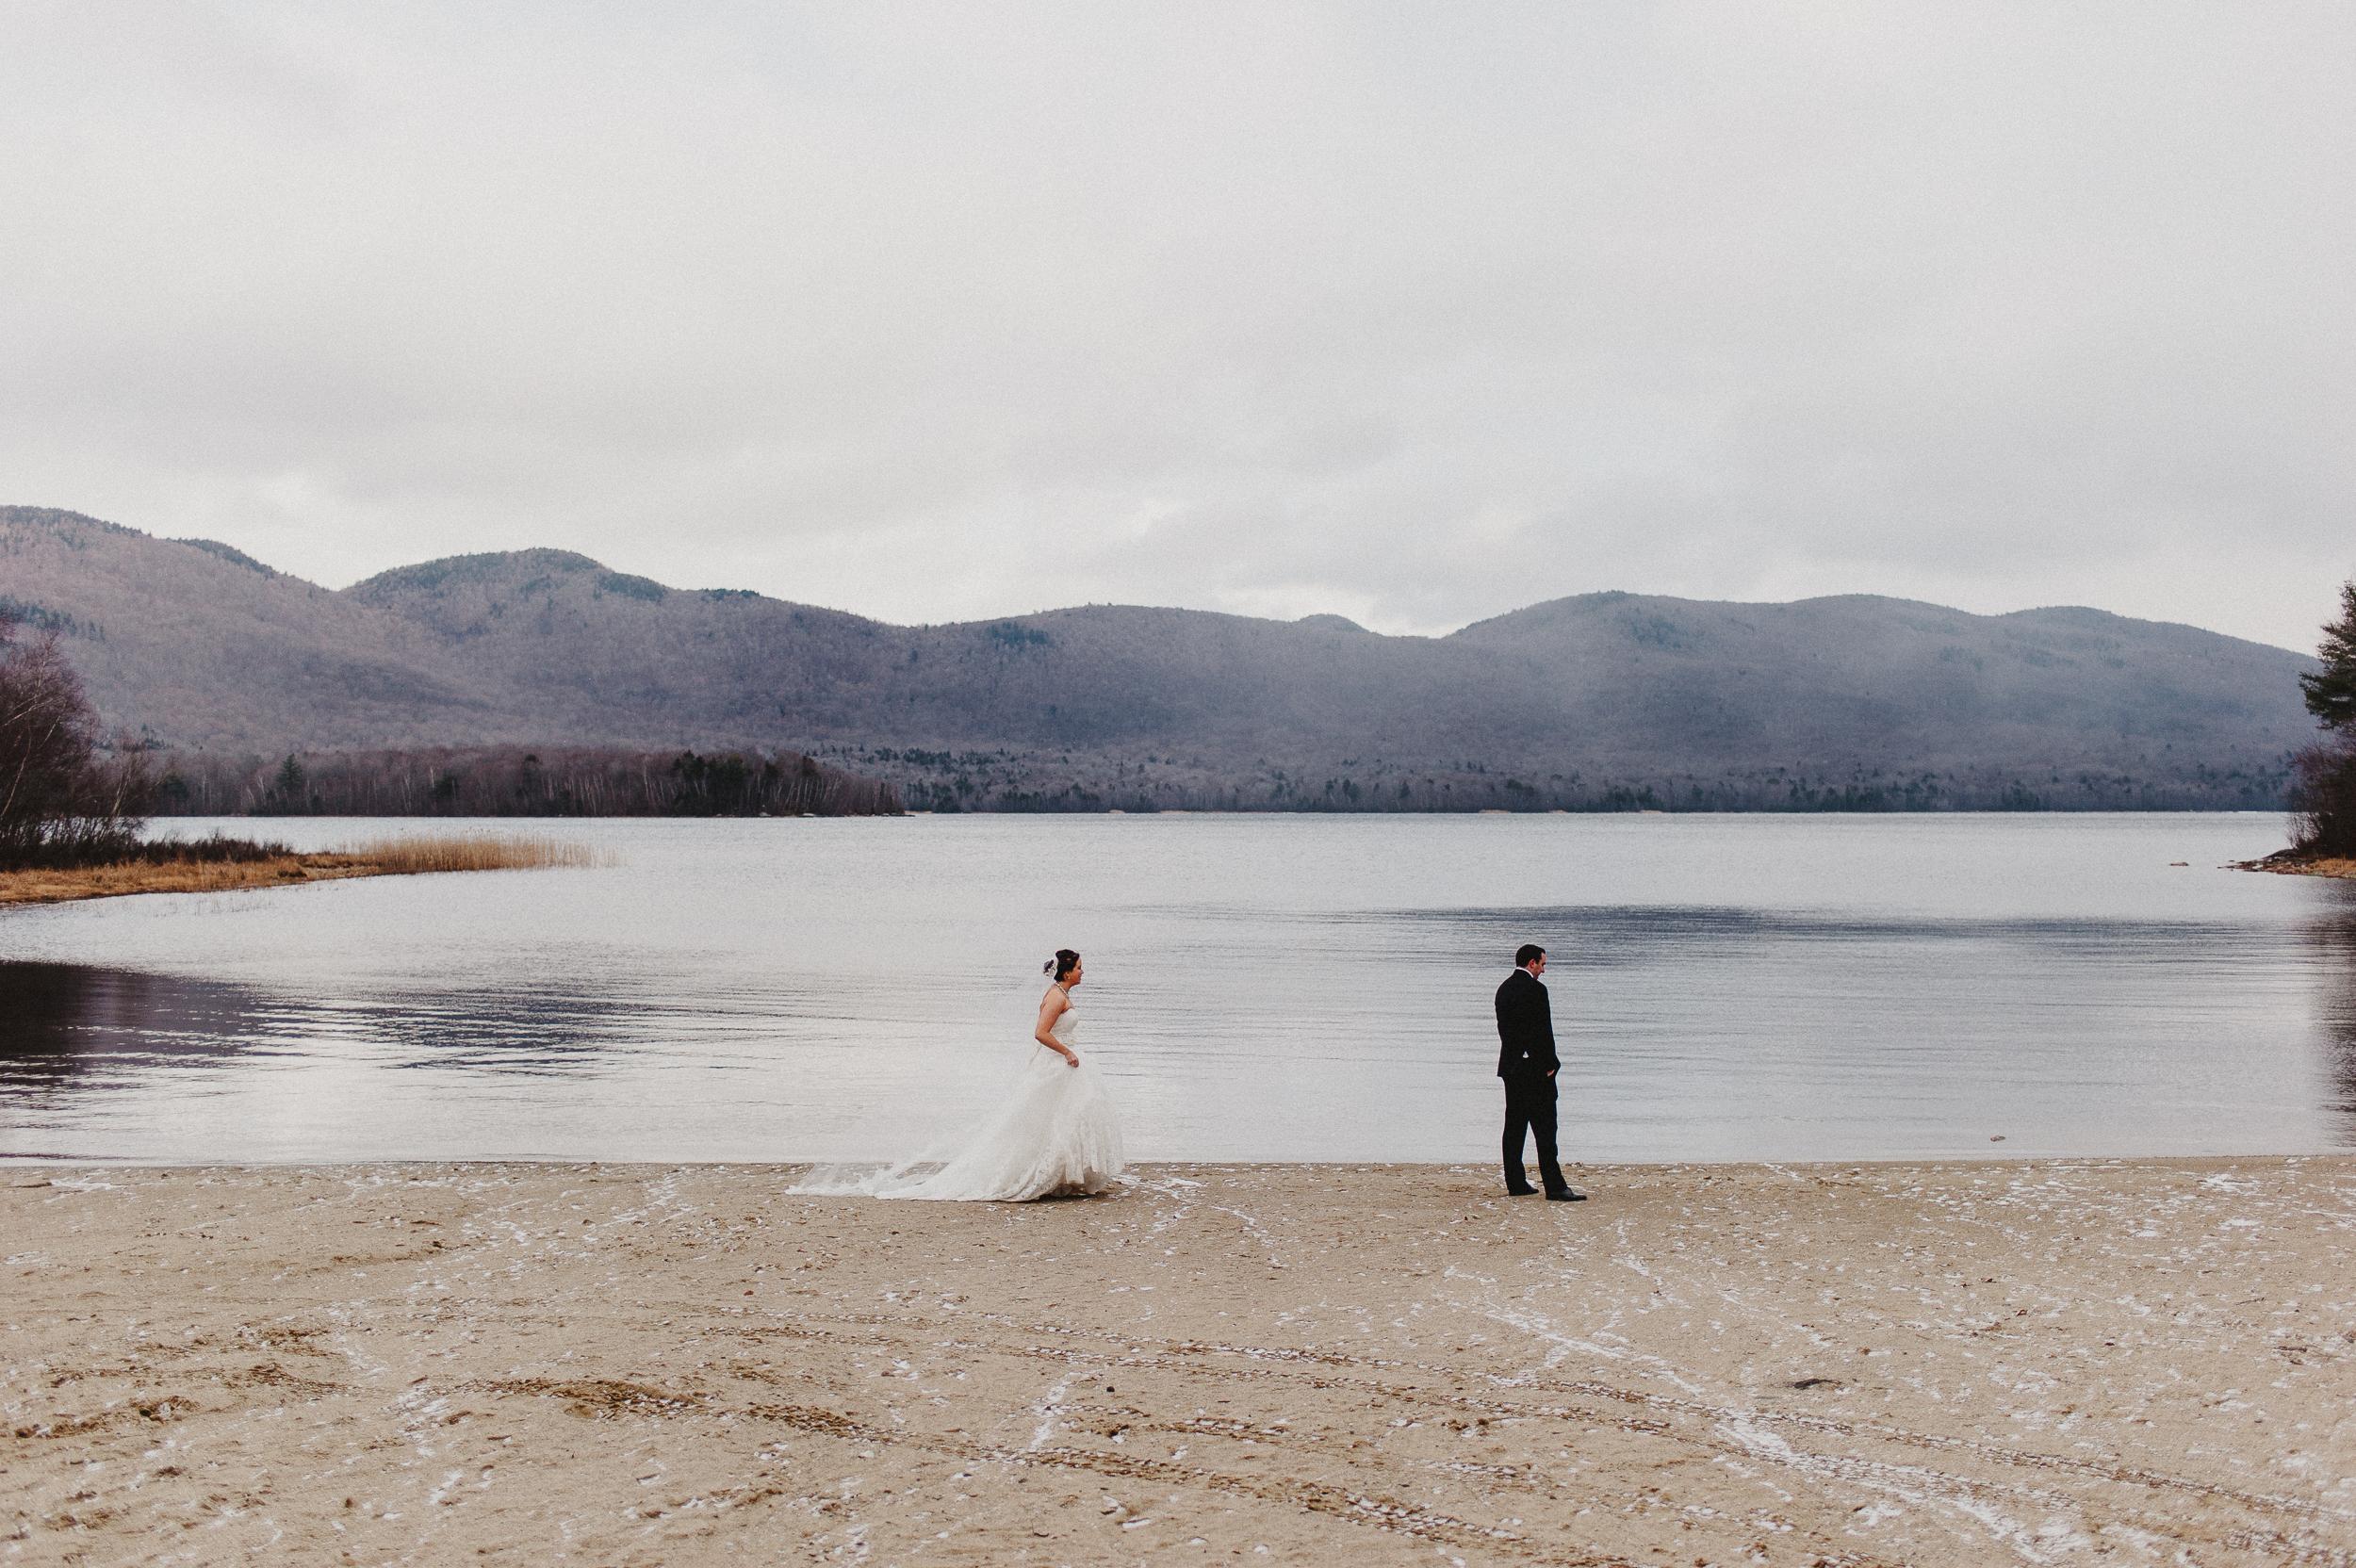 vermont-destination-wedding-photographer-19.jpg